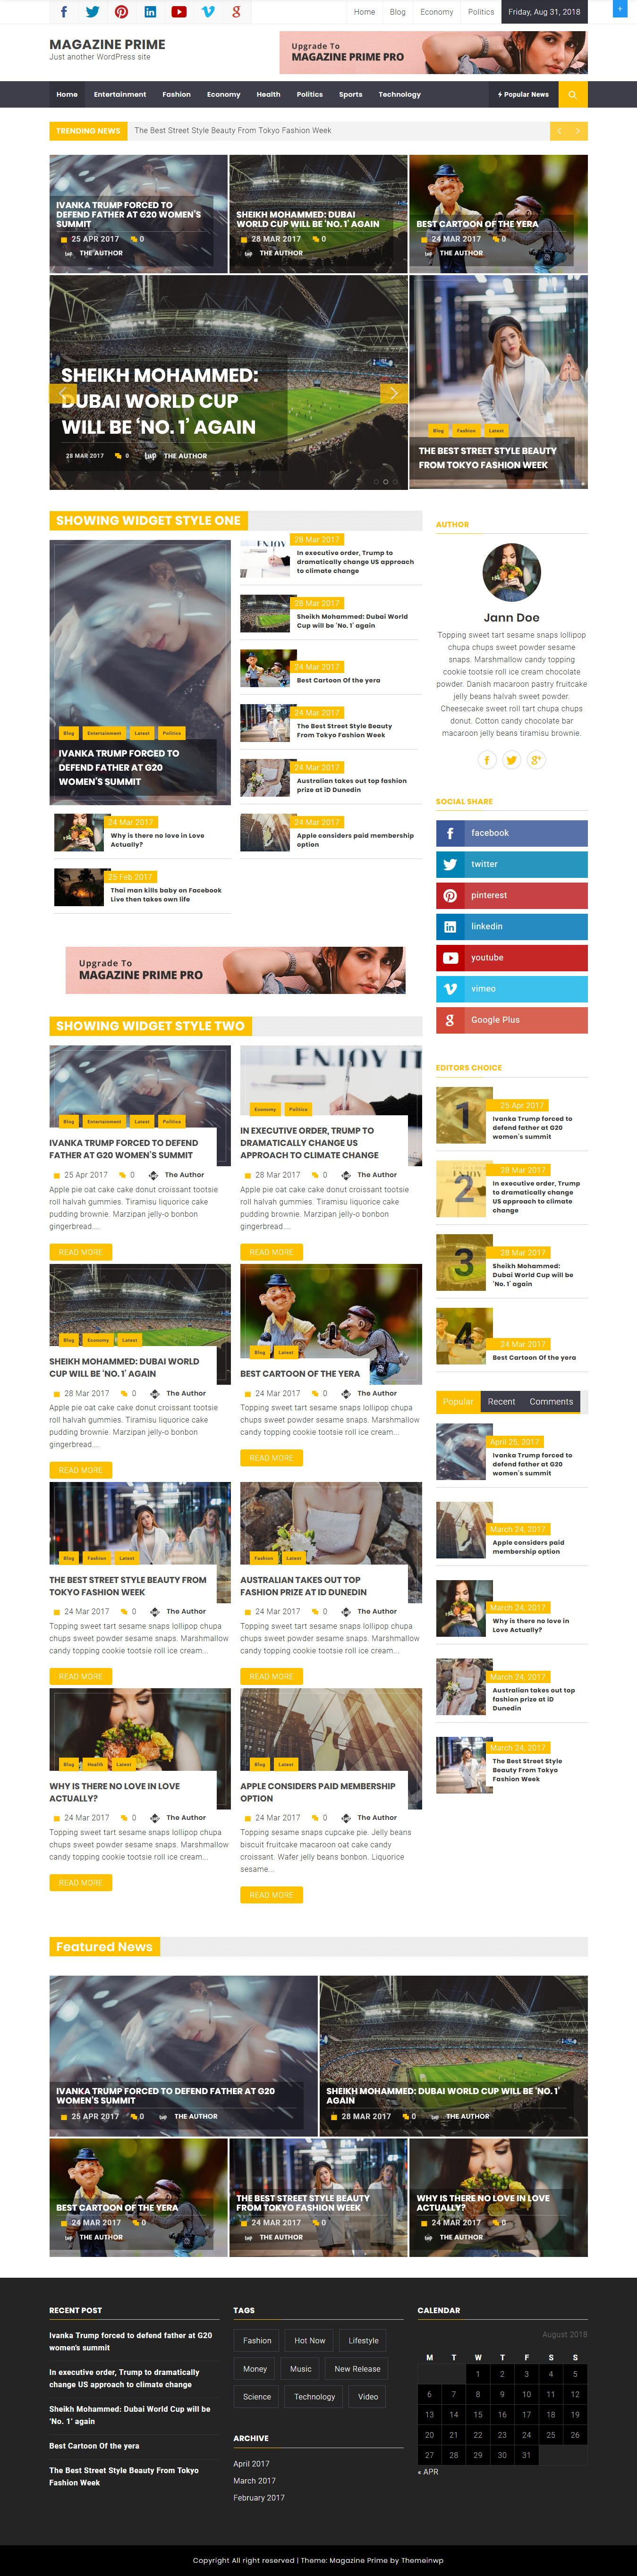 Magazine Prime - najlepšie bezplatné témy pre službu AdSense AdSense